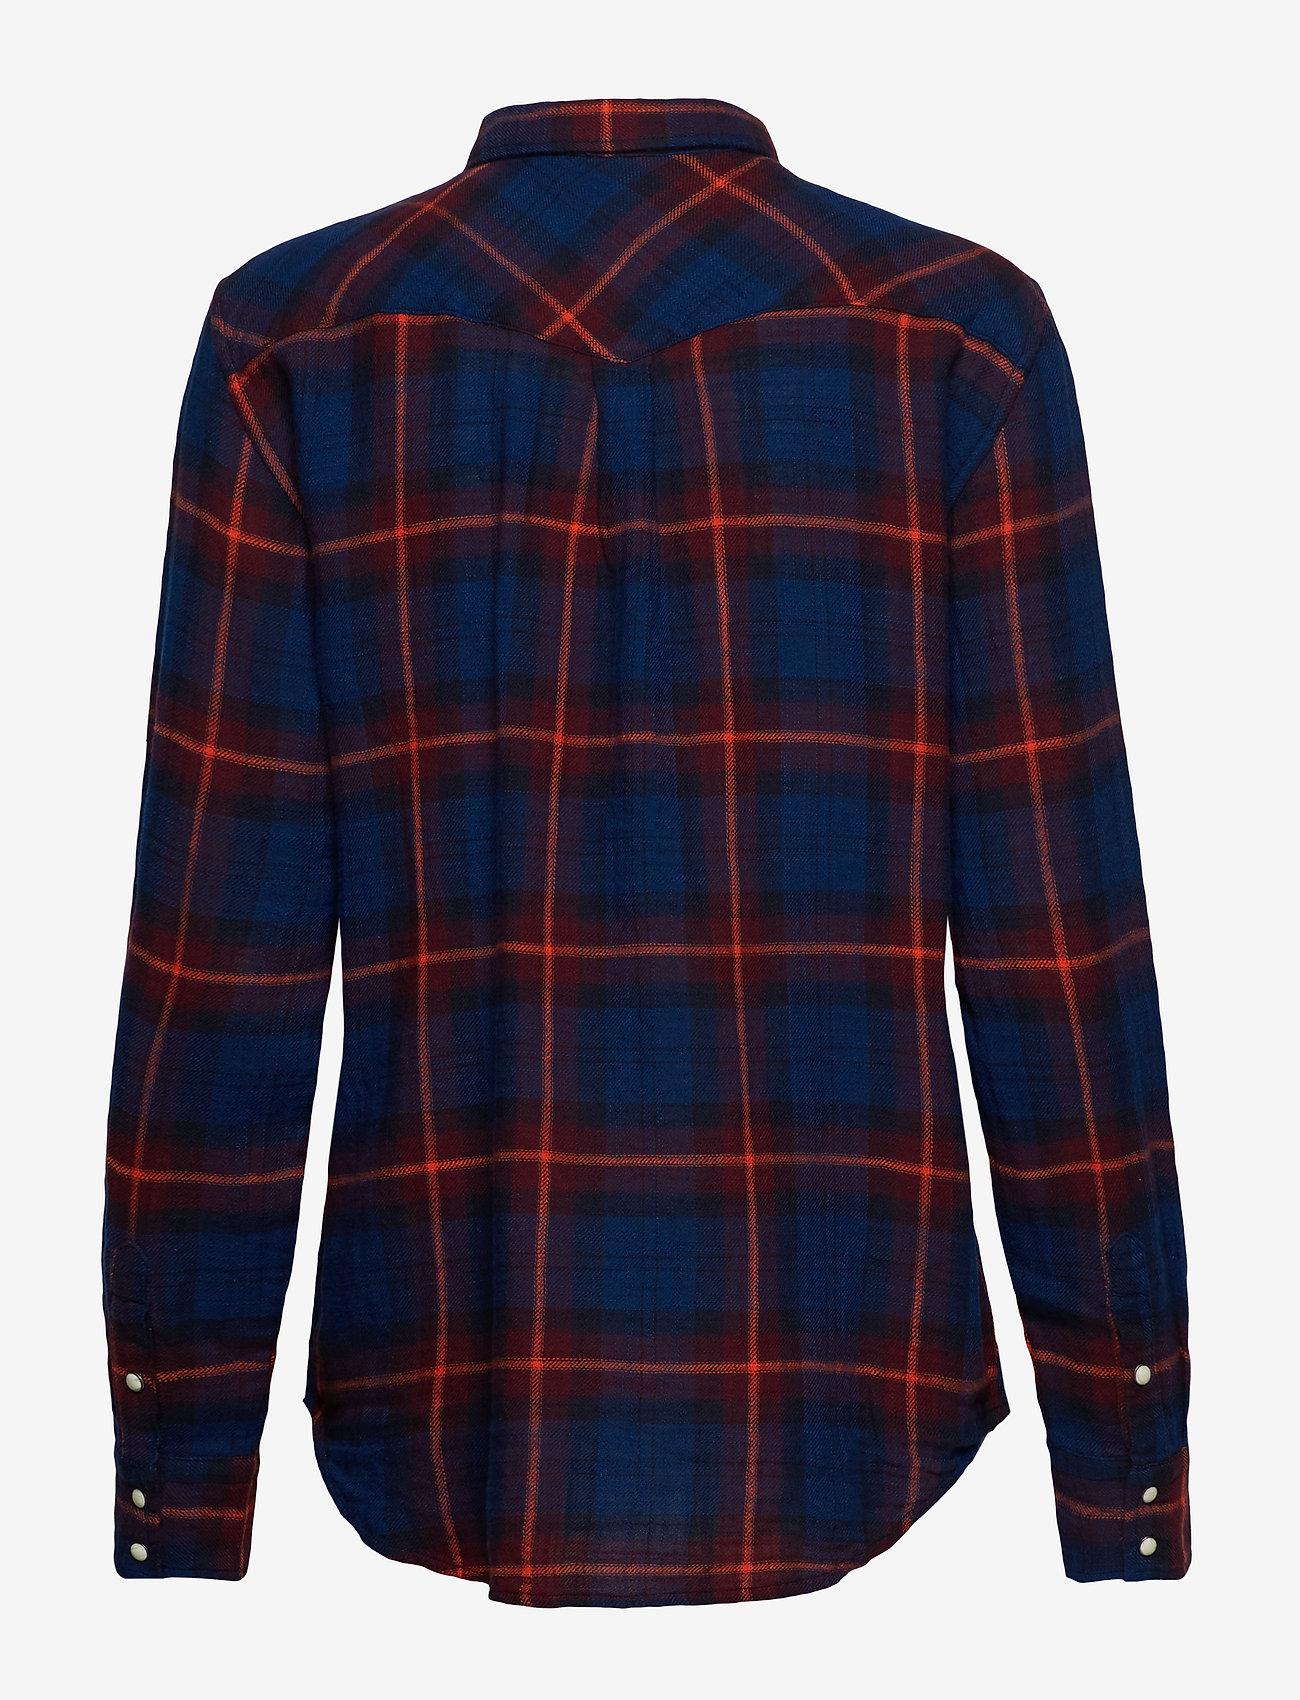 Lee Jeans REGULAR WESTERN - Bluzki & Koszule MIDNIGHT NAVY - Kobiety Odzież.